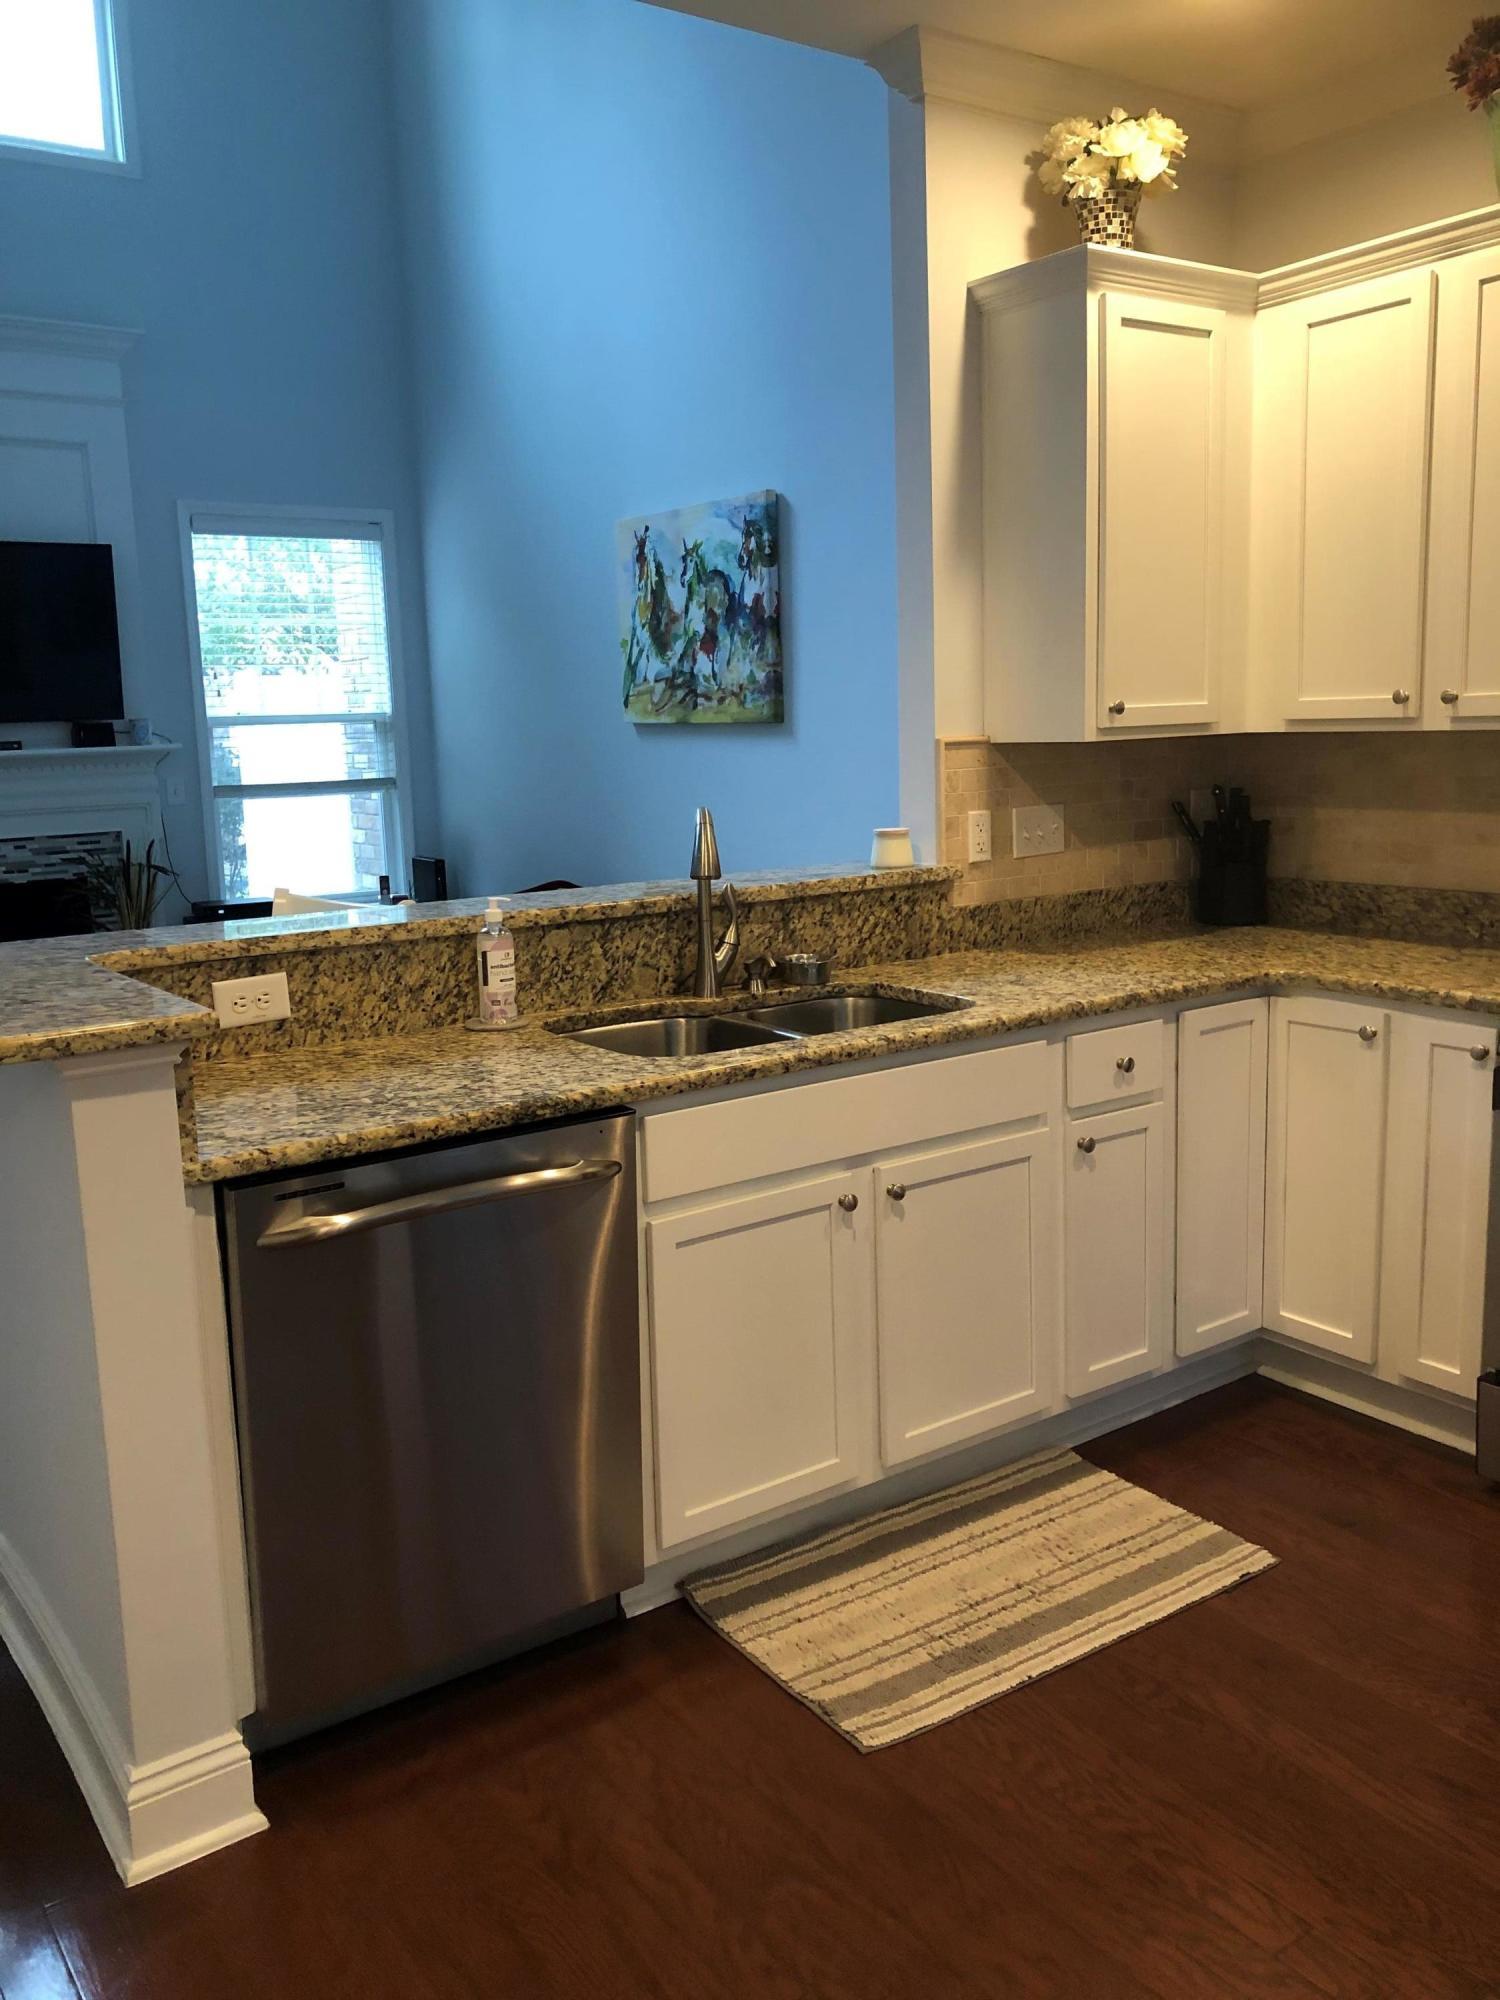 Park West Homes For Sale - 3643 Bagley, Mount Pleasant, SC - 33